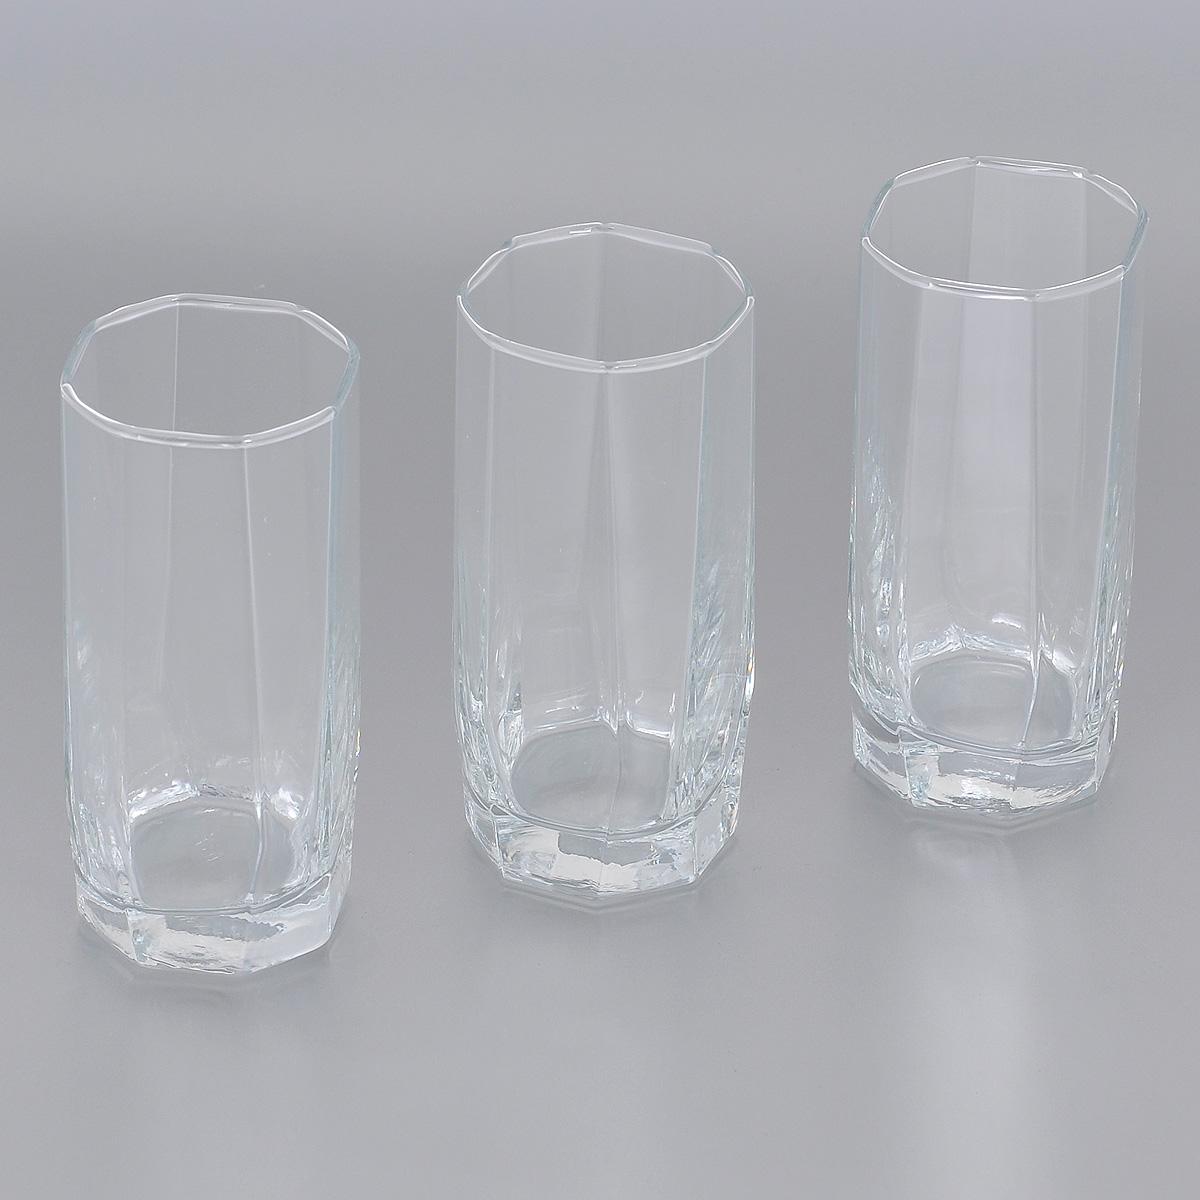 Набор стаканов Pasabahce Hisar, 220 мл, 3 шт42858BНабор Pasabahce Hisar, выполненный из высококачественного стекла, состоит из трех стаканов. Высокие стаканы с утолщенным дном прекрасно подойдут для подачи холодных напитков. Эстетичность, функциональность и изящный дизайн сделают набор достойным дополнением к вашему кухонному инвентарю. Набор стаканов Pasabahce Hisar украсит ваш стол и станет отличным подарком к любому празднику. Можно использовать в морозильной камере и микроволновой печи. Можно мыть в посудомоечной машине. Диаметр стакана по верхнему краю: 5 см. Высота стакана: 12,4 см.